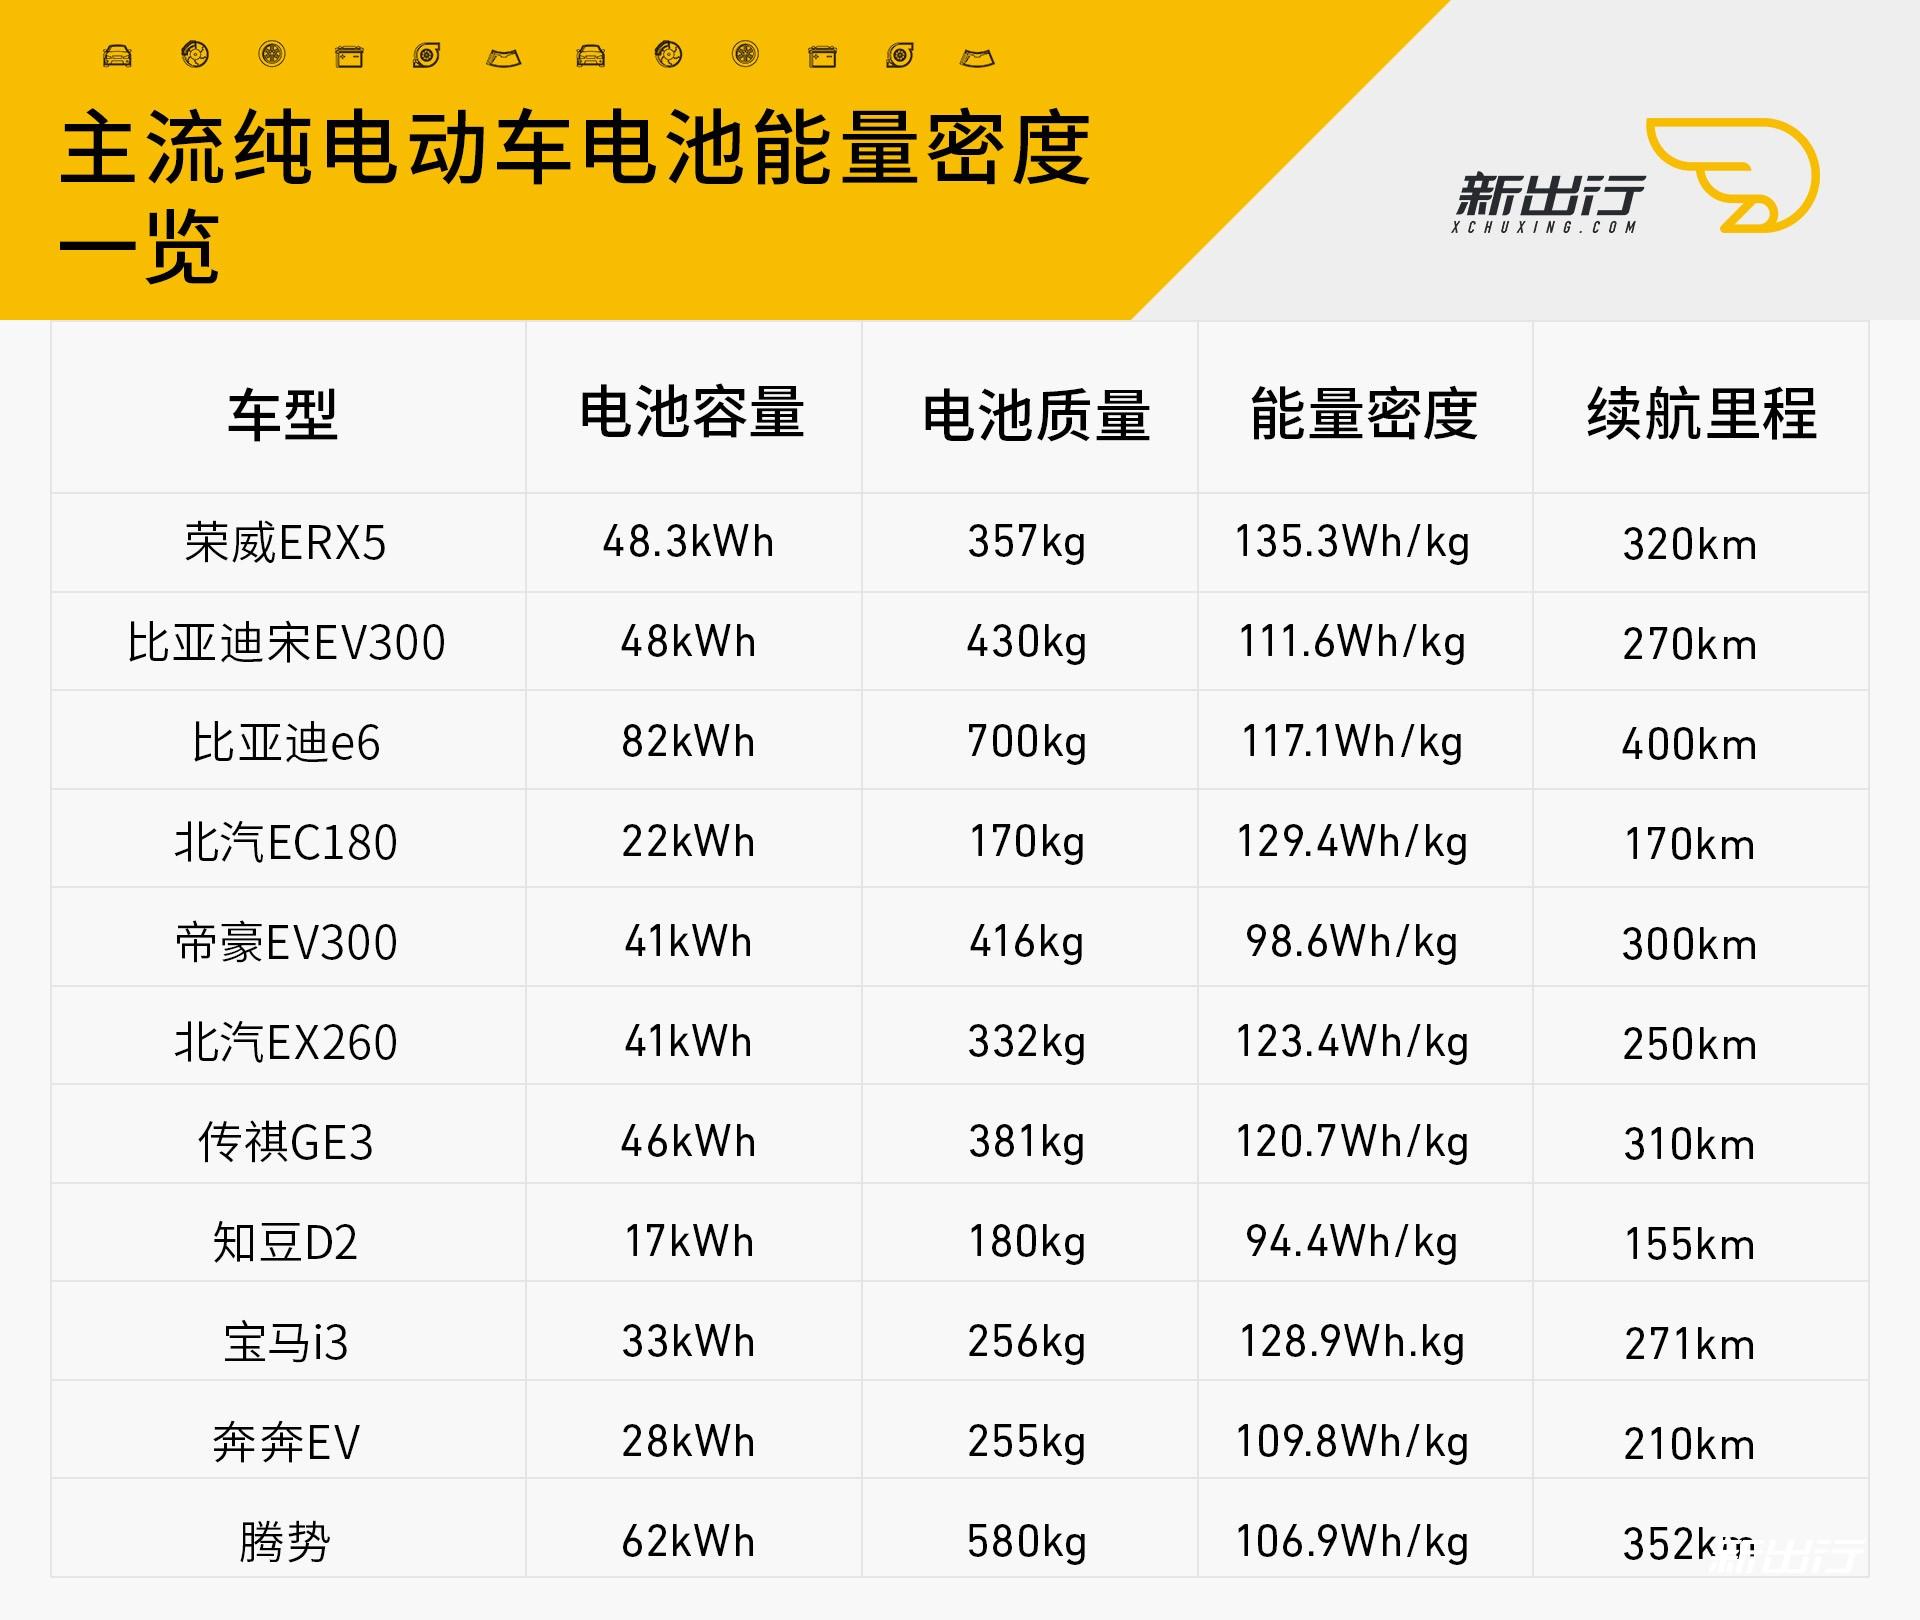 主流纯电动车电池能量密度.jpg